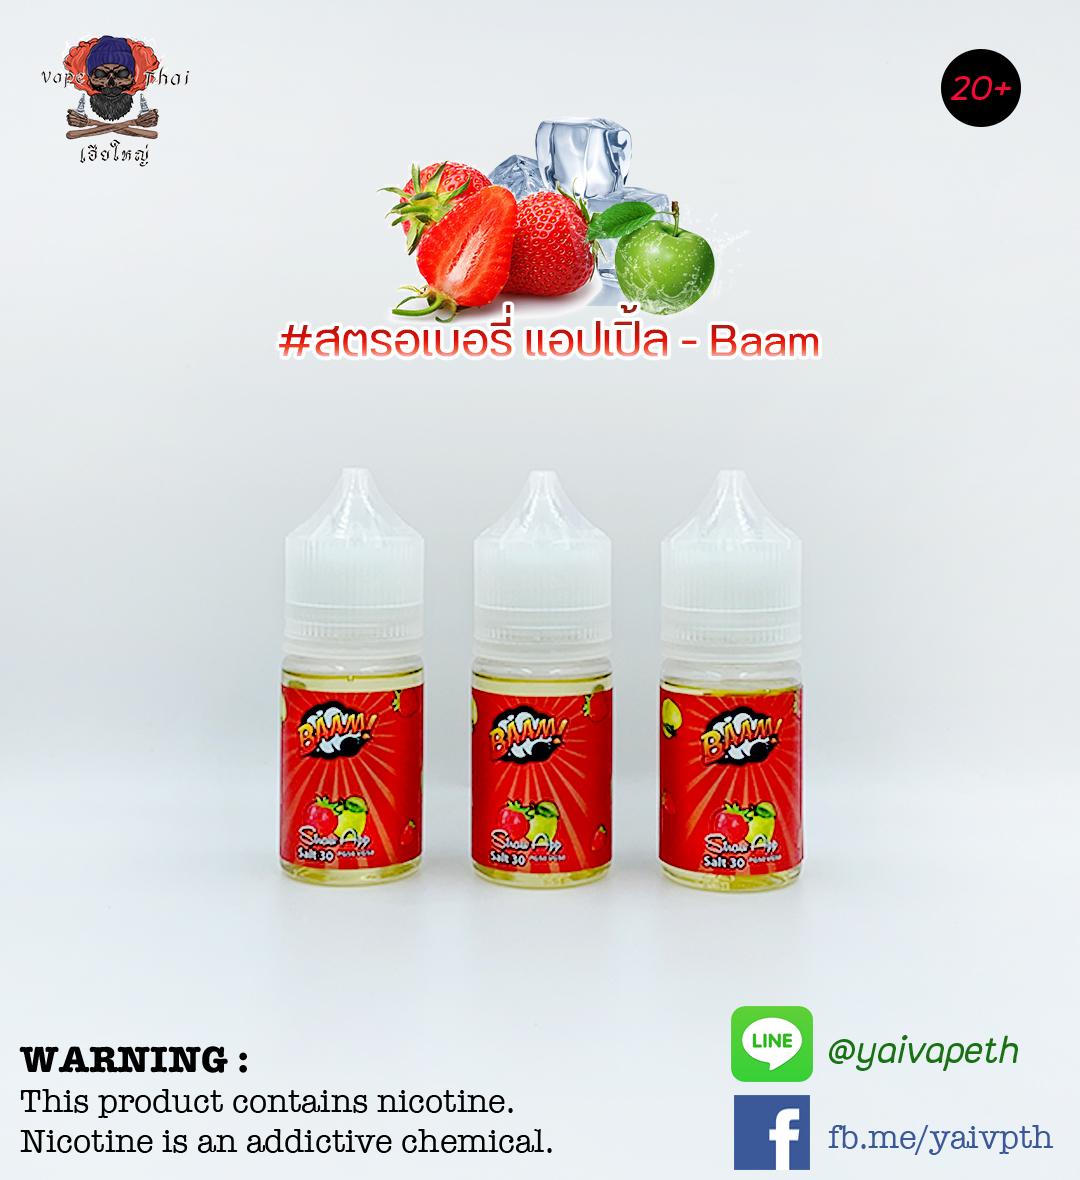 สตรอเบอรี่ แอปเปิ้ล - น้ำยาบุหรี่ไฟฟ้า Baam Strawberry Apple Saltnic 30ml (มาเลเซีย) [เย็นน้อย] ของแท้ 100%